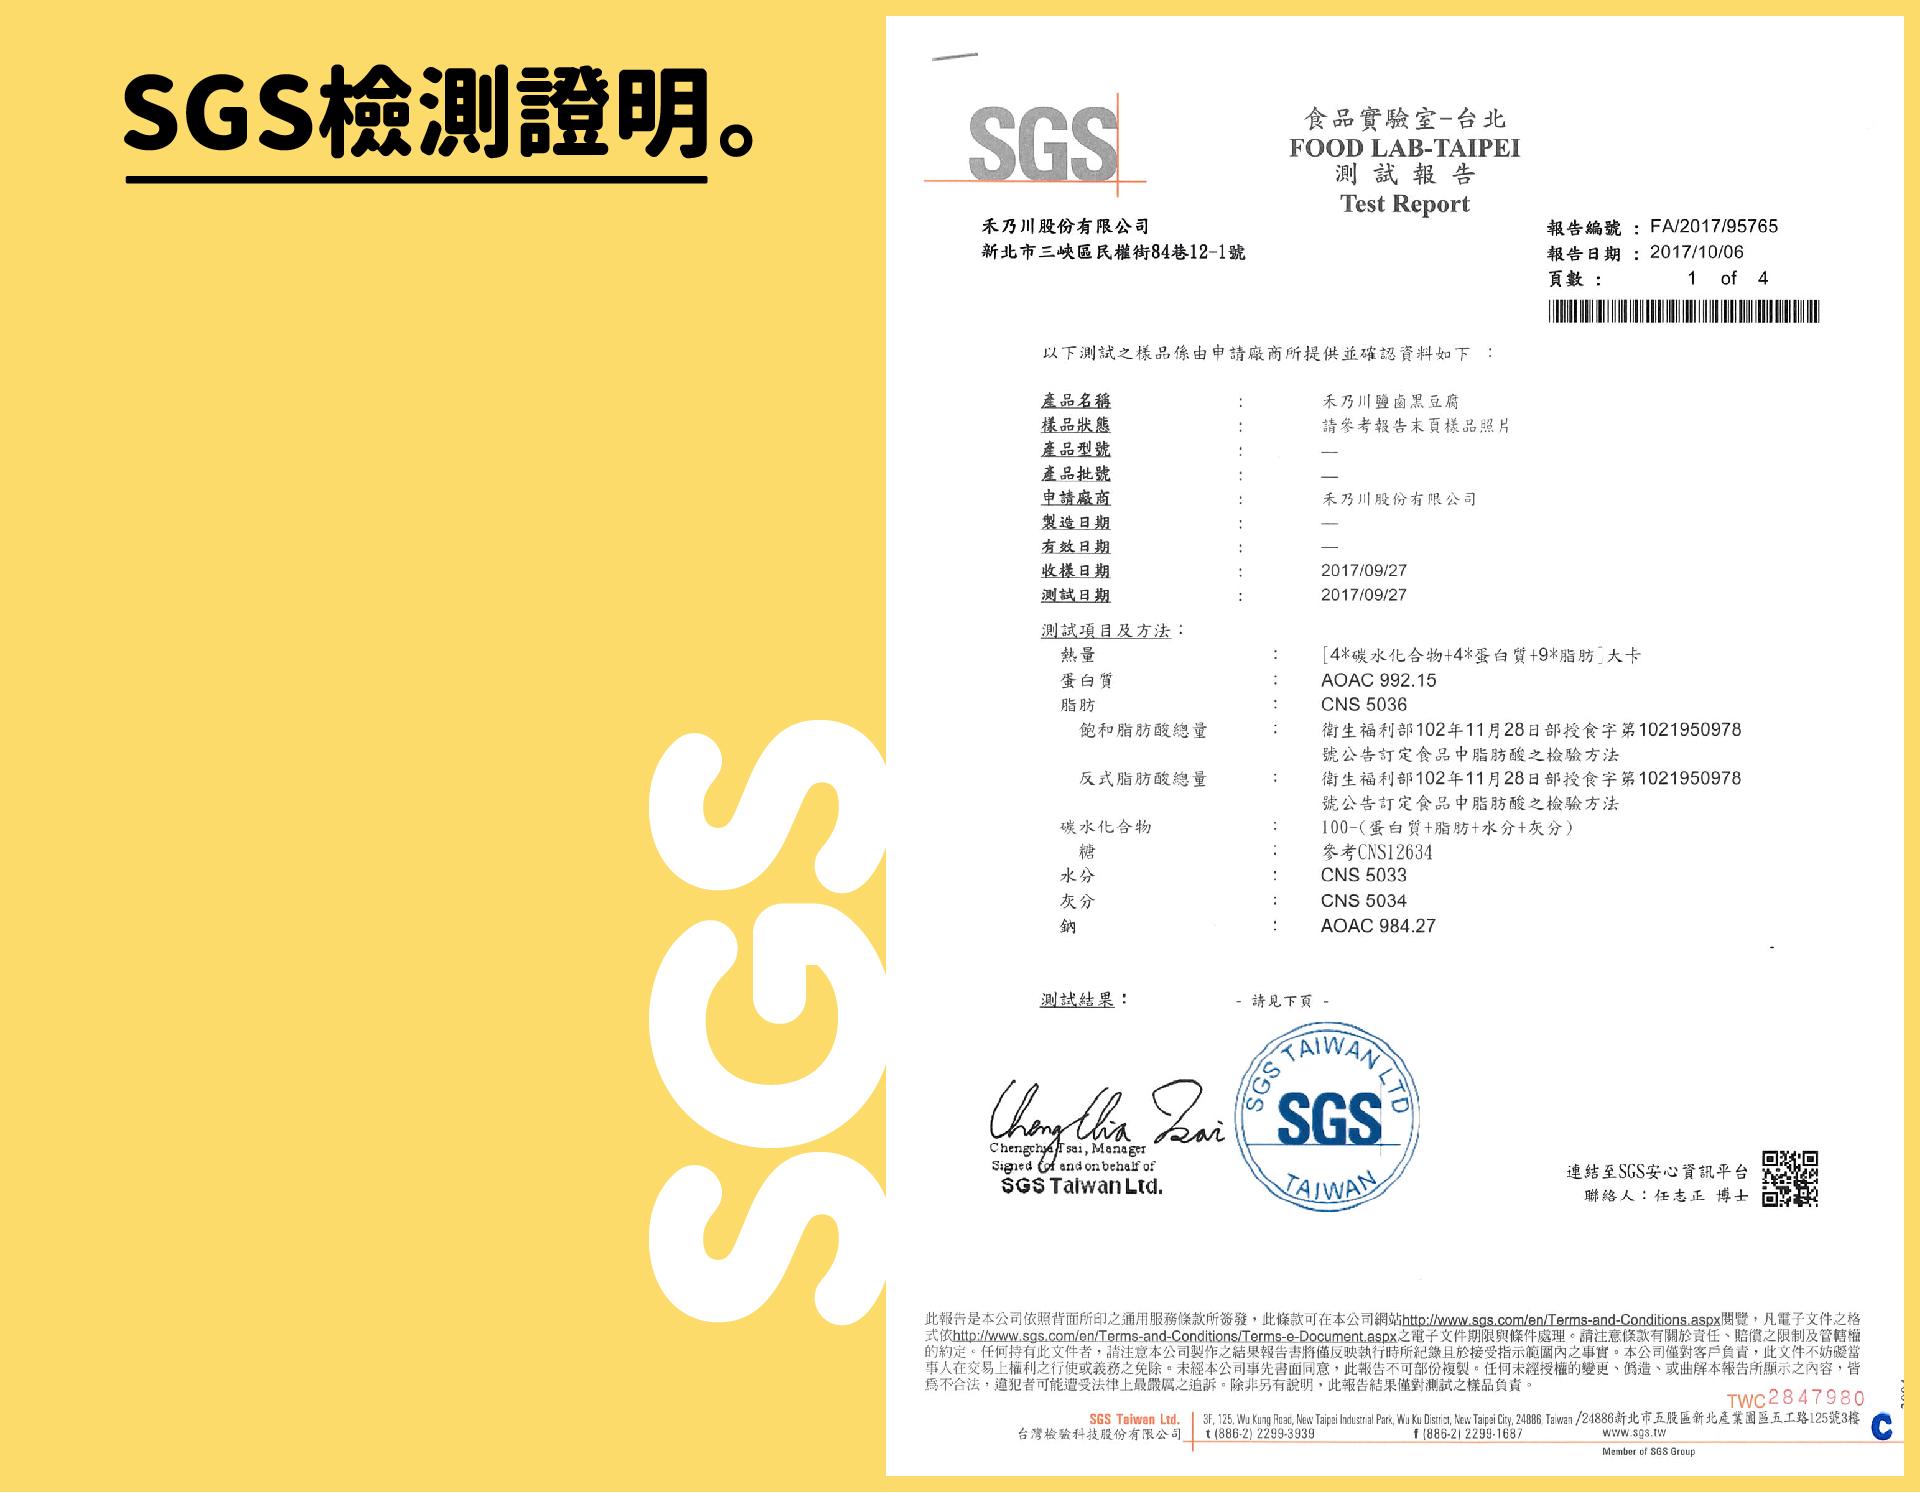 禾乃川SGS檢驗證明 - 鹽鹵黑豆腐 - 國產黑豆漿製作